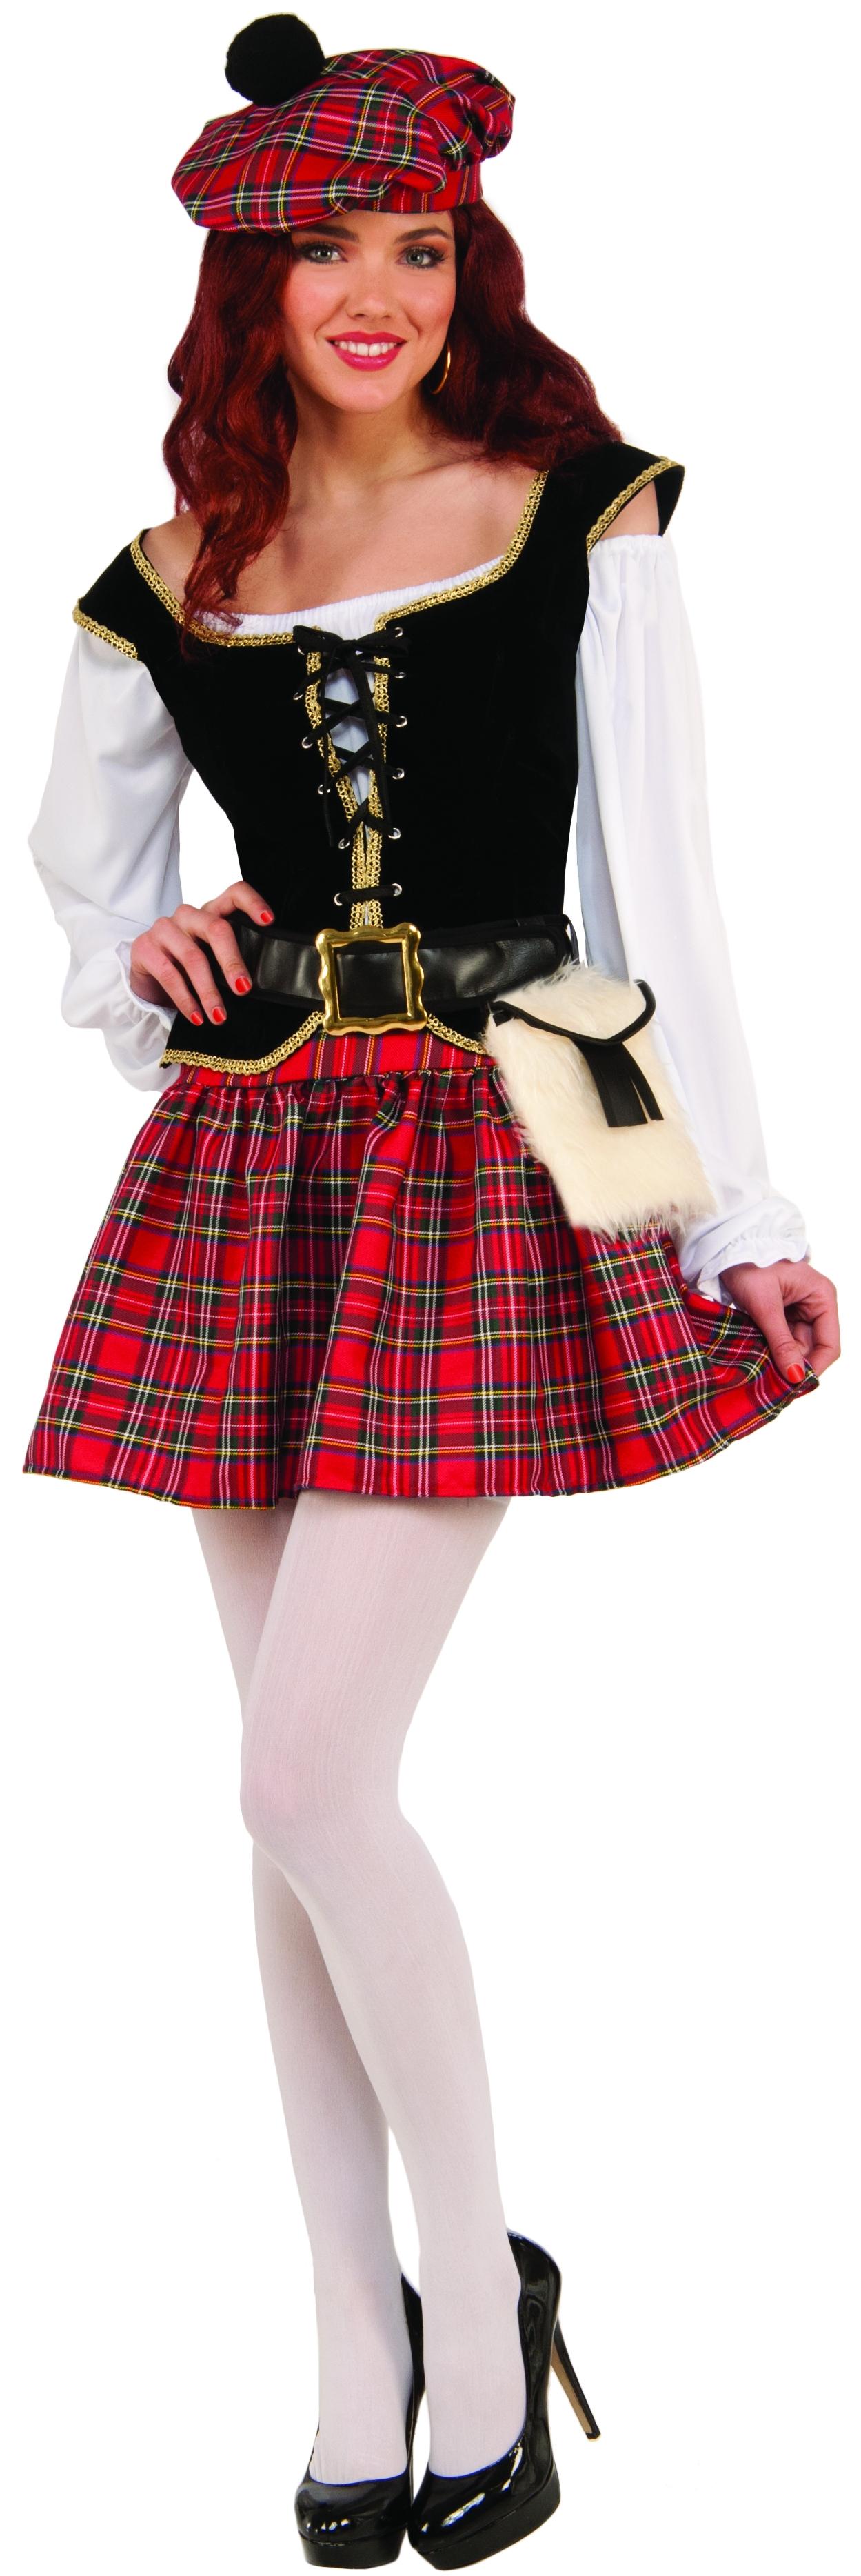 Костюм Шотландки (46-48) костюм радужной клоунессы 46 48